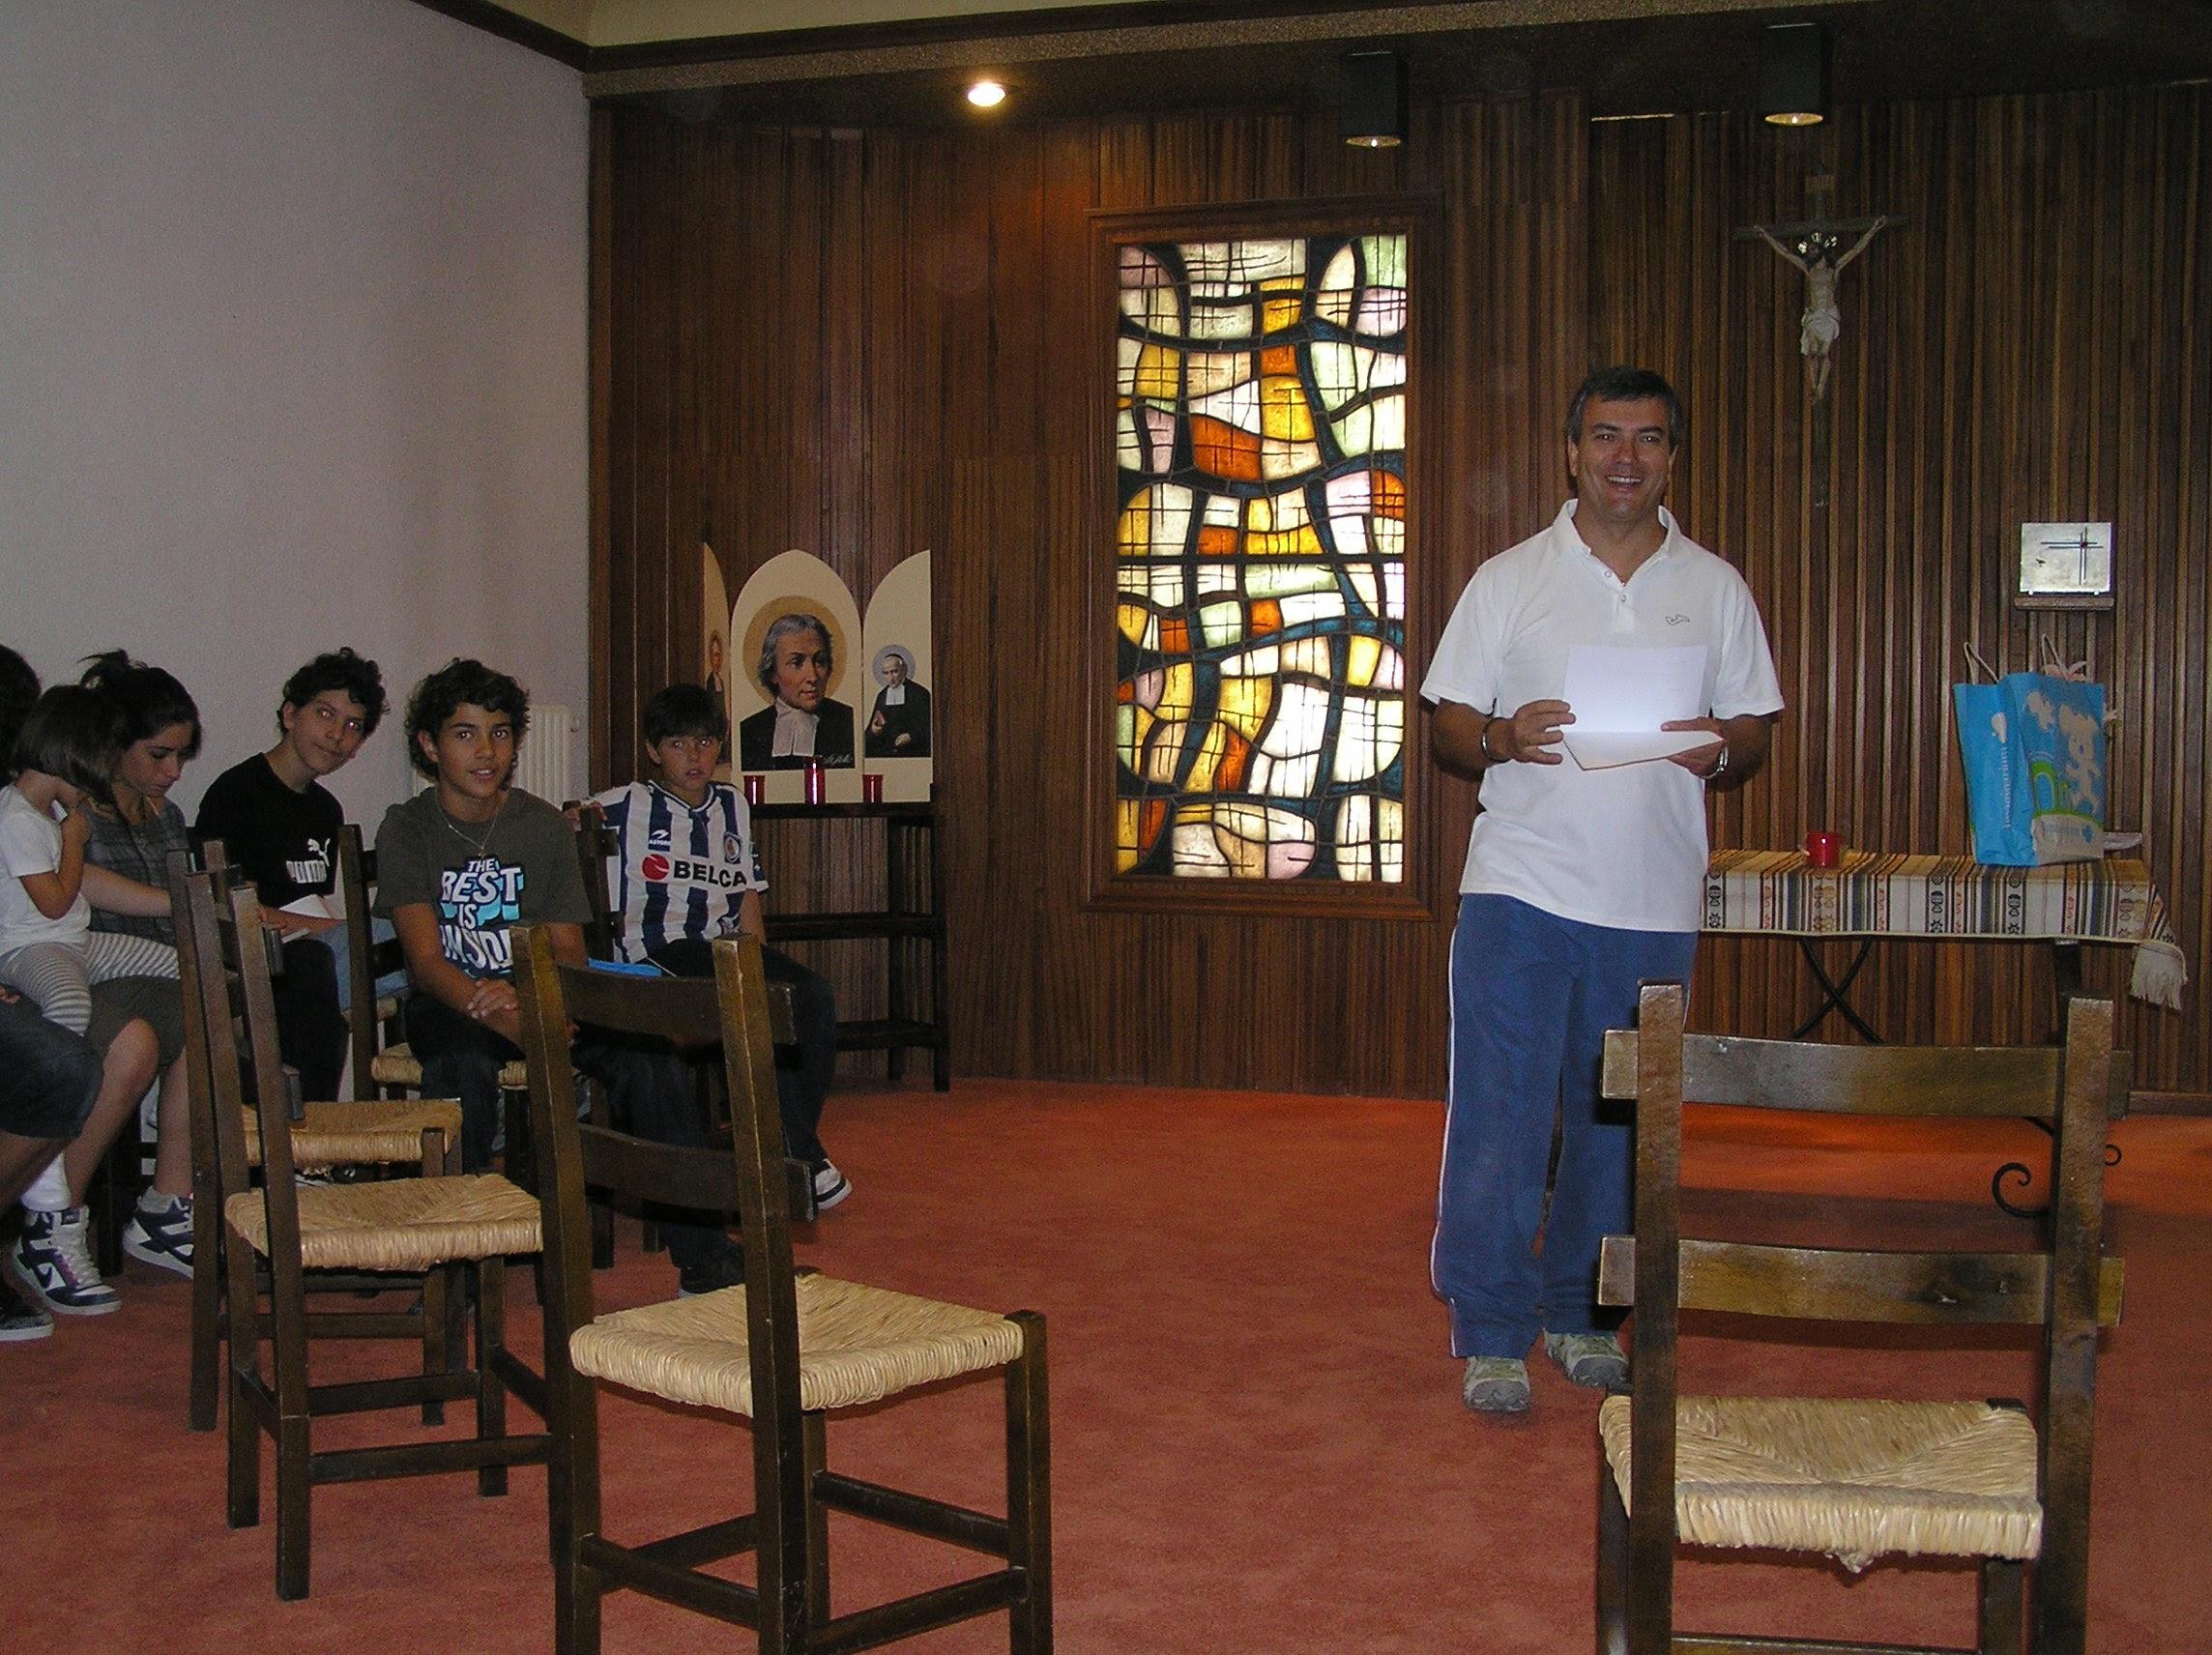 Picasa - Encuentro Familias en Bujedo 2011(33).jpg